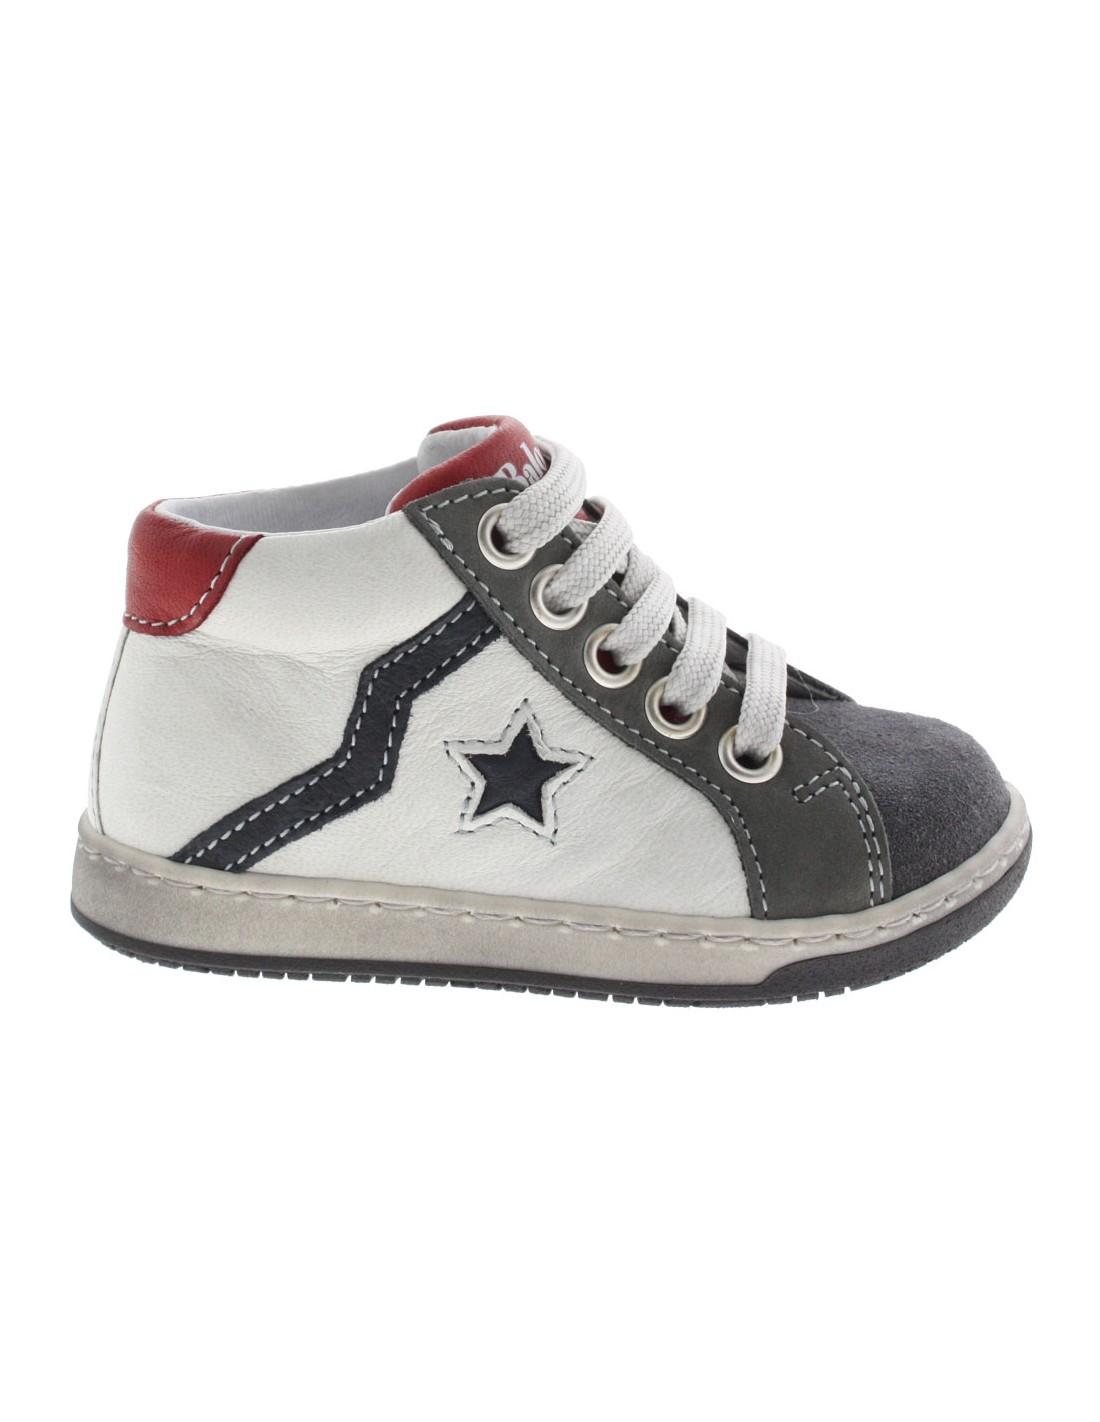 low priced 90886 7a539 Scarpe Balocchi Mini star bambino primi passi bianco